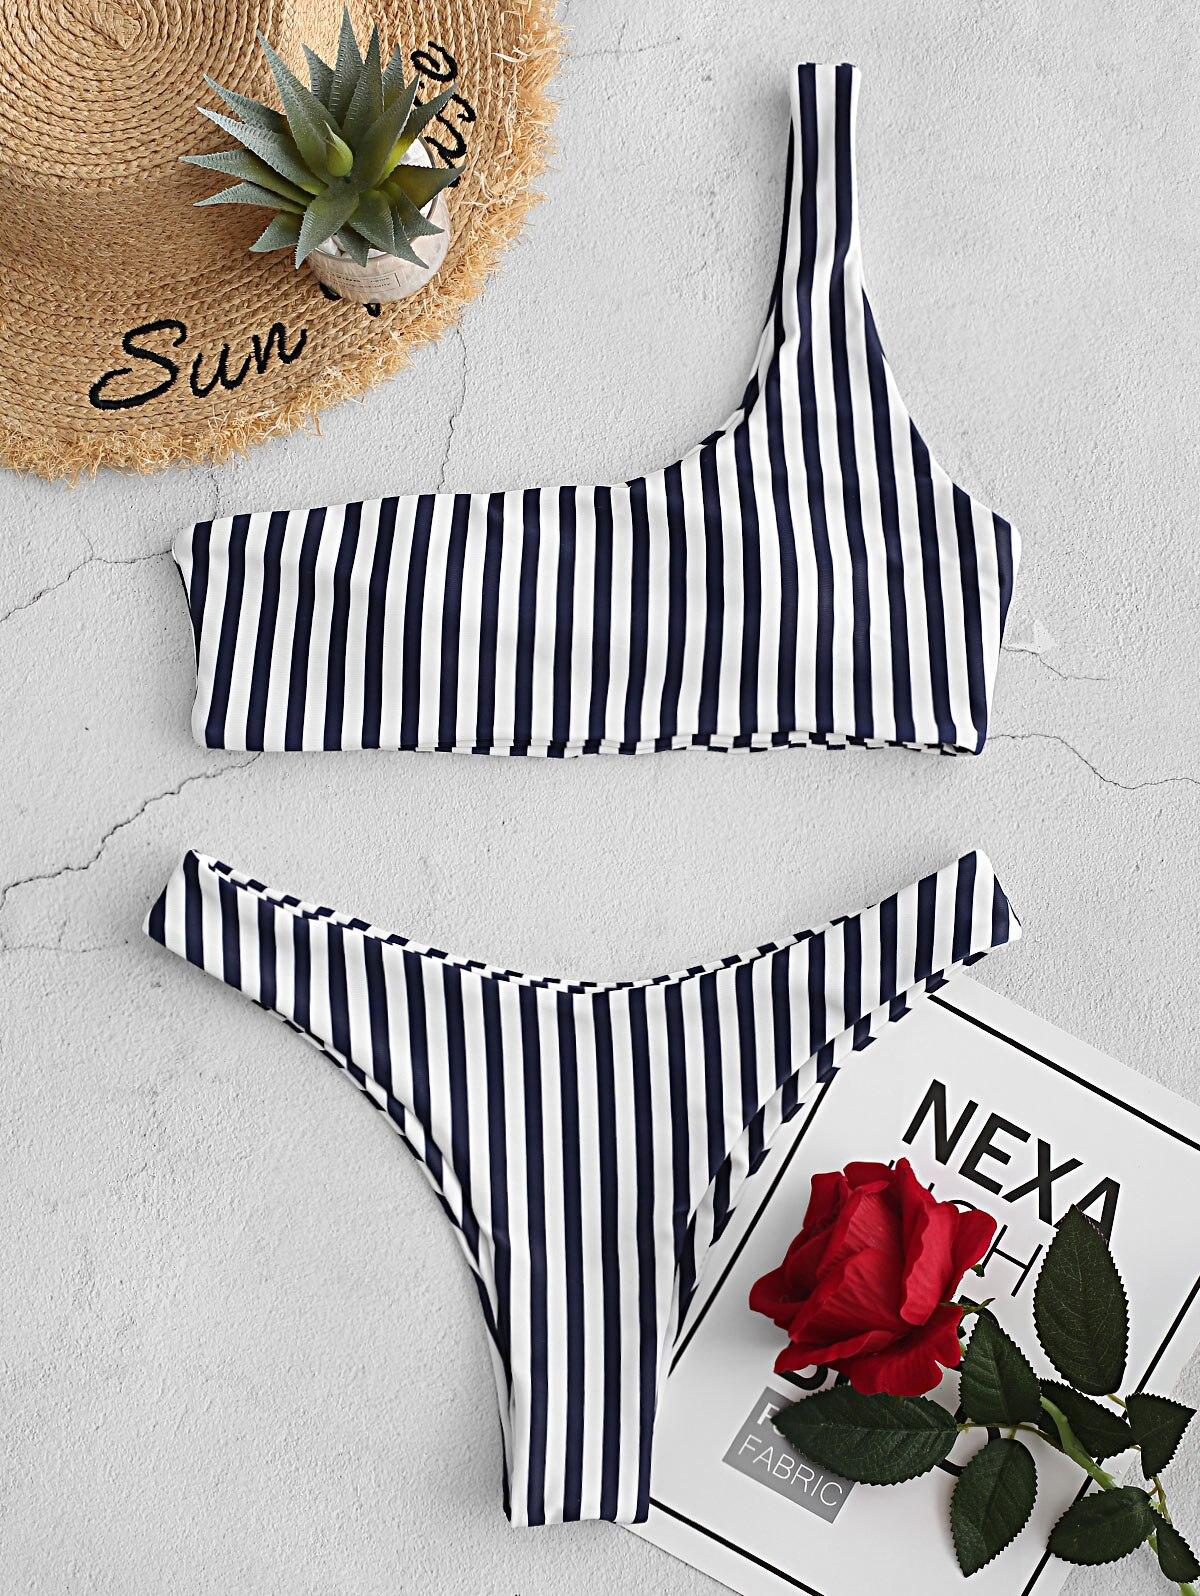 Zaful rayas hombro alta corte Bikini traje De baño Maillot De Bain mujer Bikini nuevo 2020